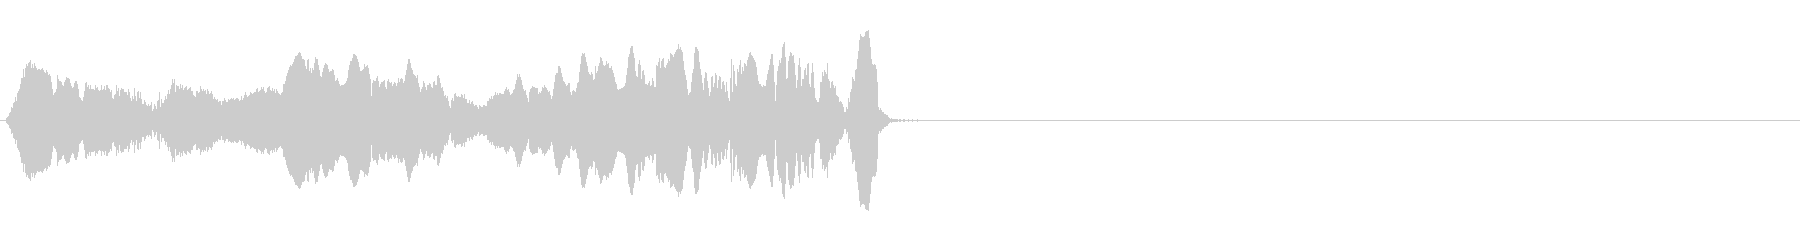 トーンヴァイオリングリスアップwavの未再生の波形